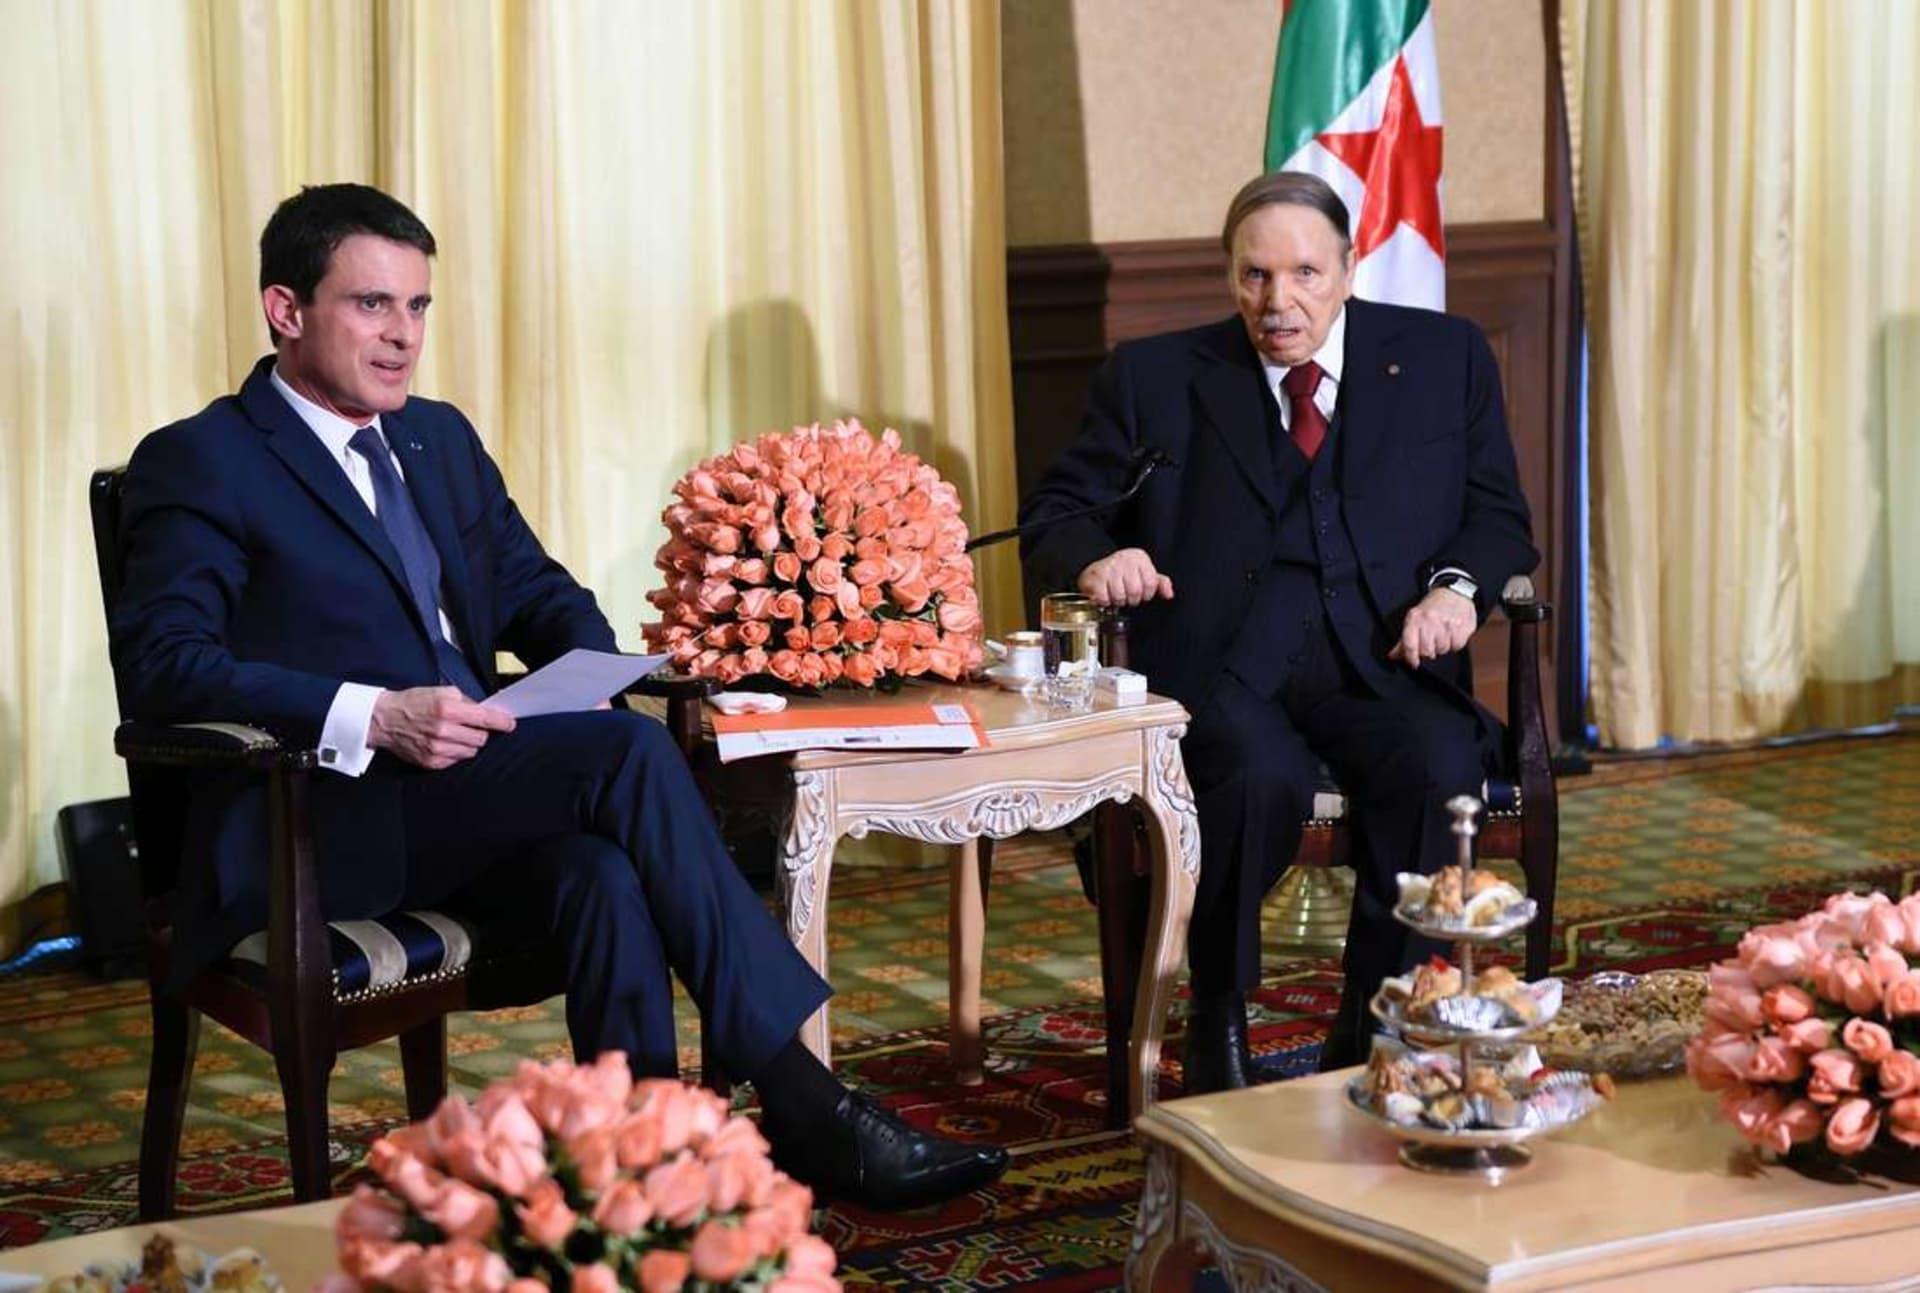 أصوات جزائرية تتهم فالس بالإساءة لبوتفليقة إثر نشر صورته مريضًا